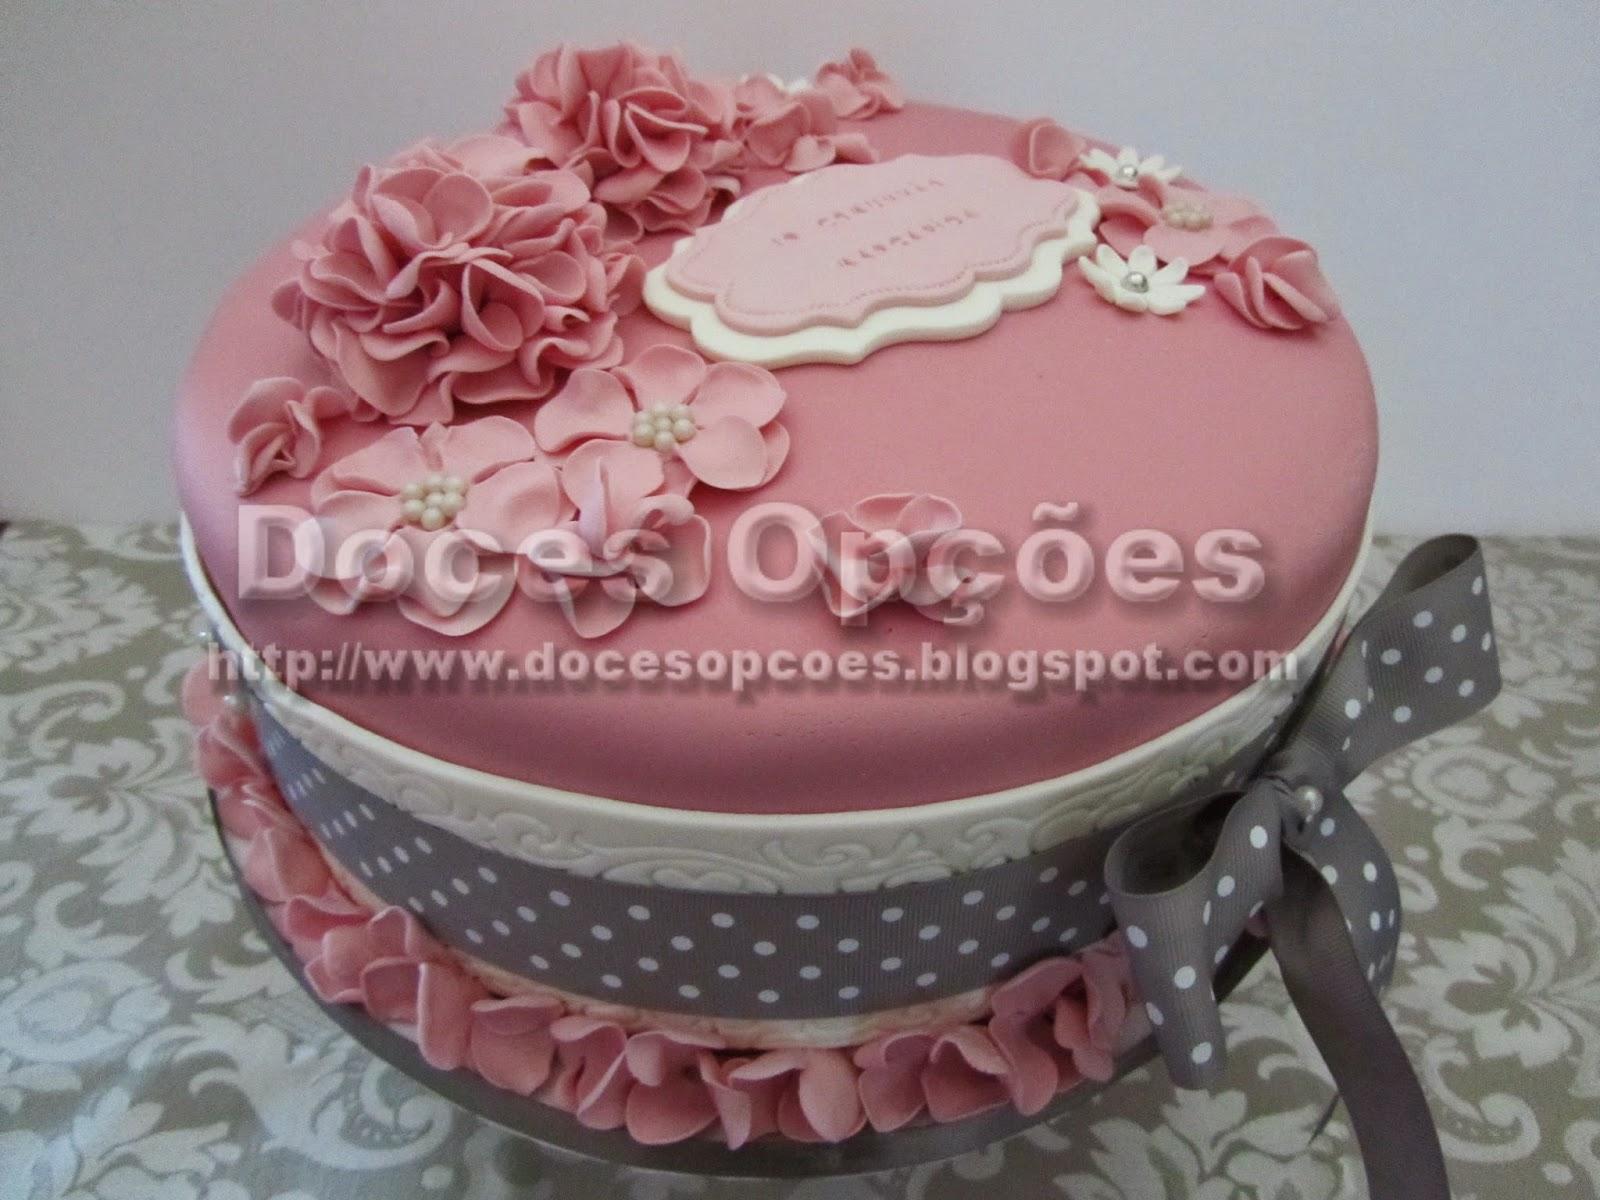 bolos deliciosos bragança